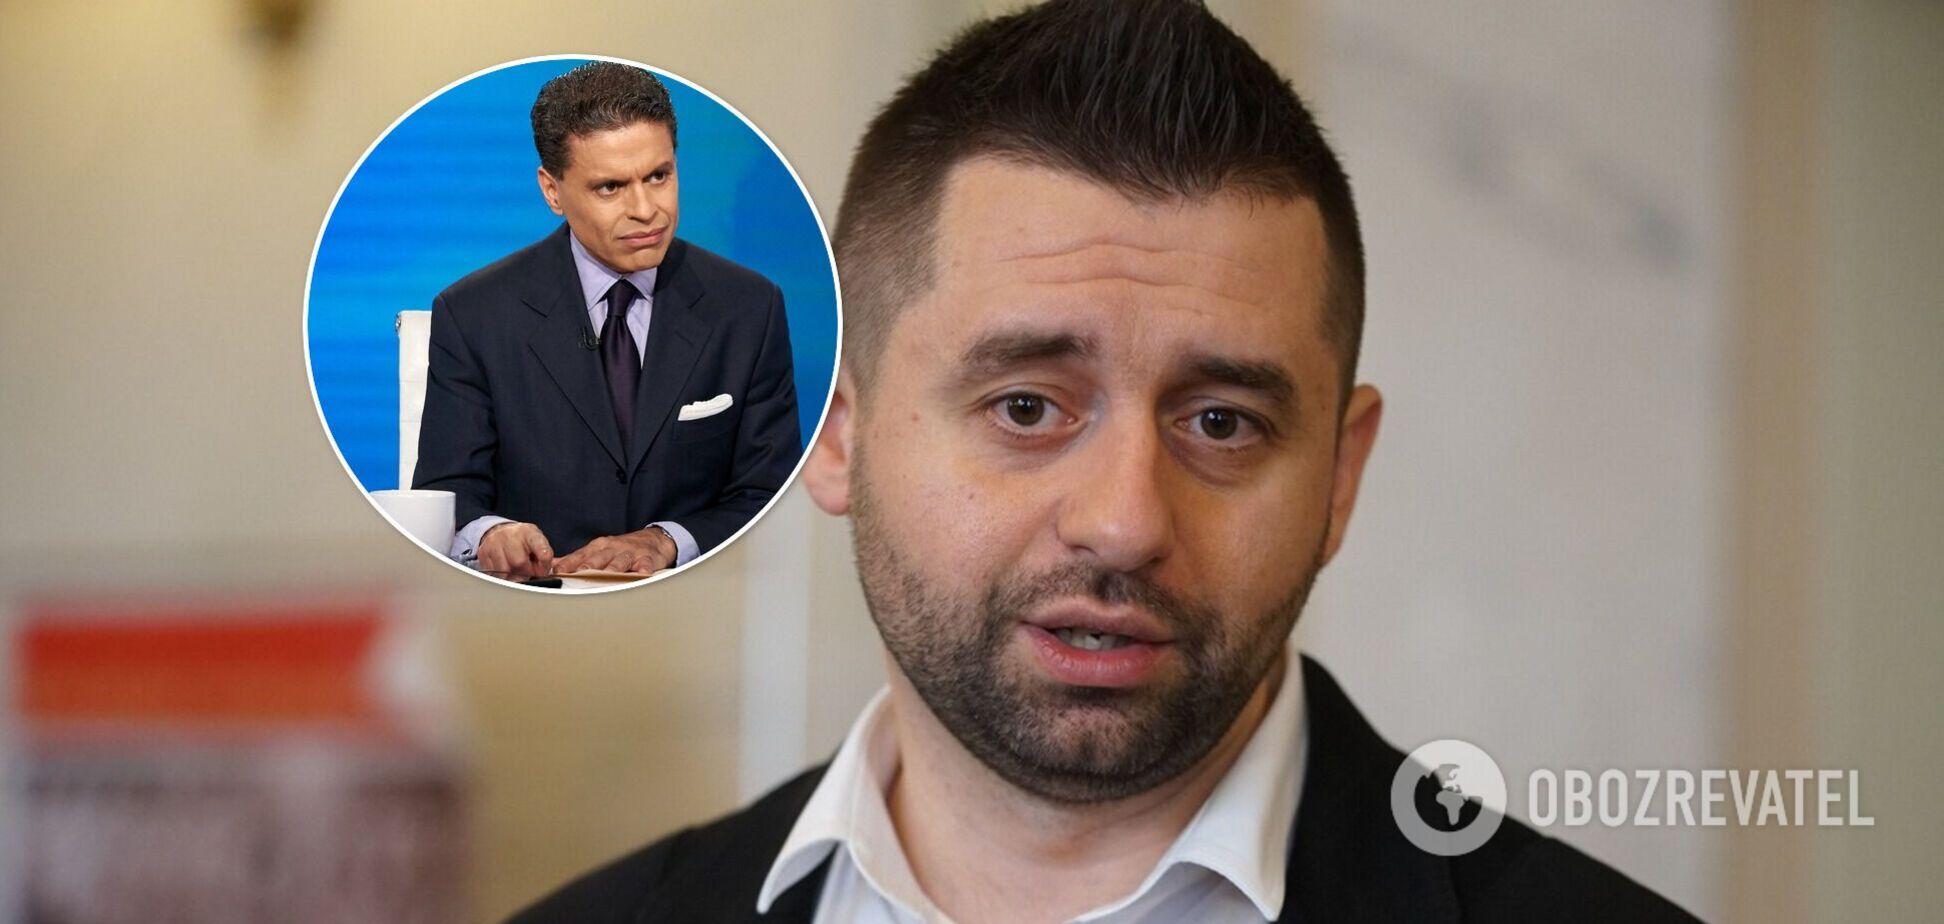 Арахамия публично оскорбил ведущего американского телеканала CNN